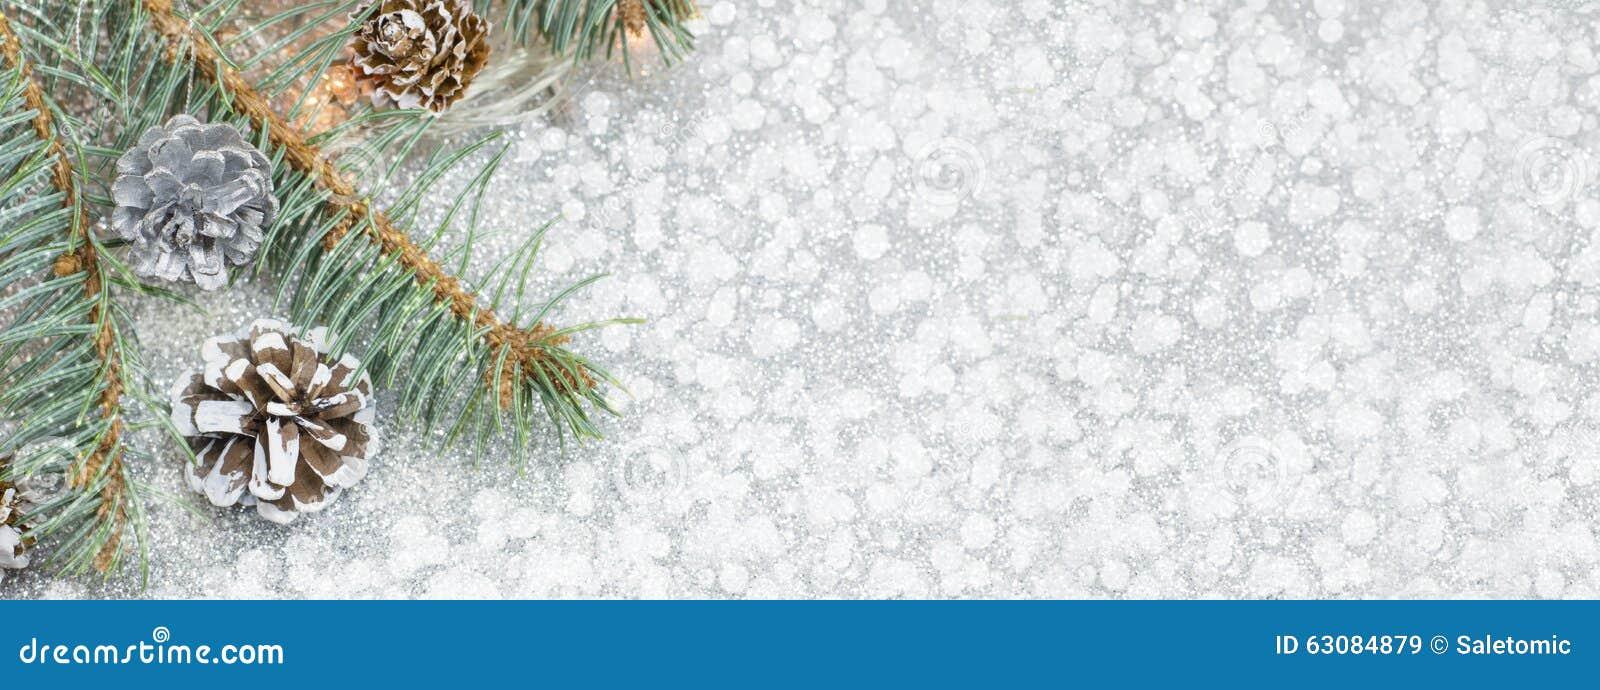 Download Bannière De Décoration De Noël Dans La Résolution 8 X 3 Image stock - Image du lumineux, cônes: 63084879